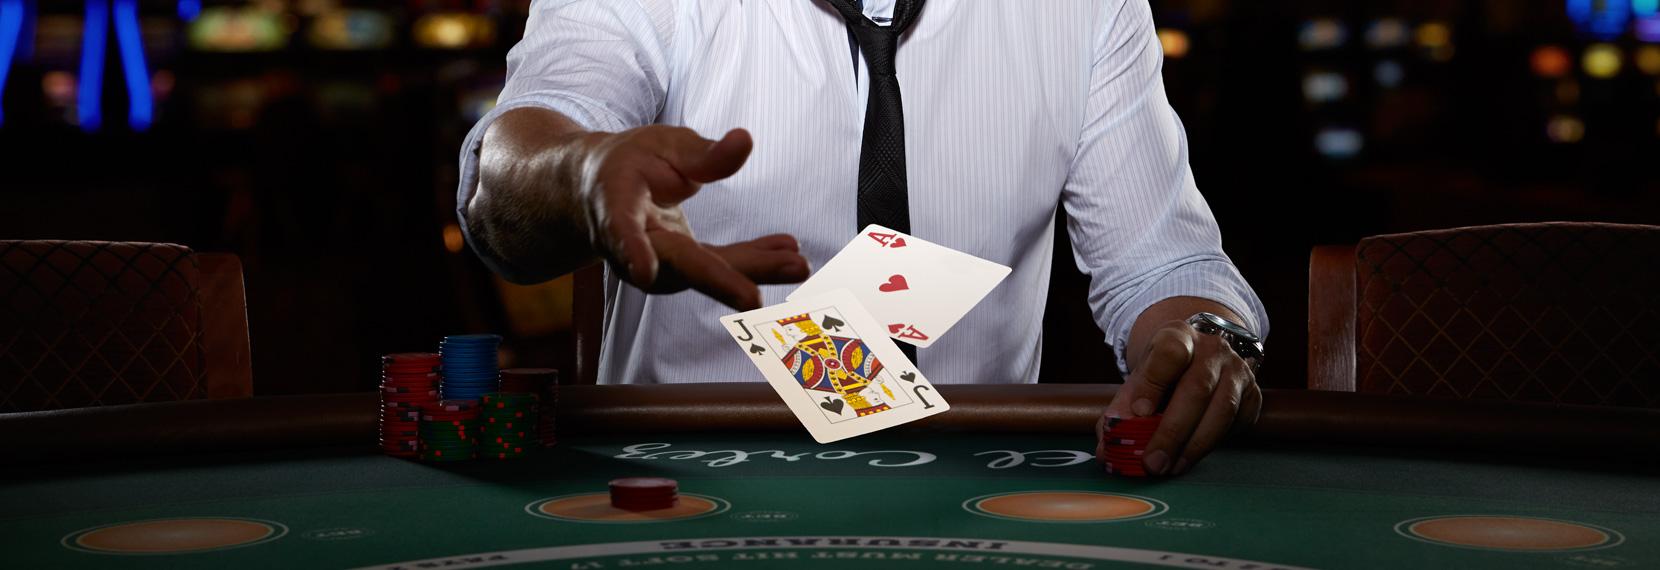 Blackjack : jouez en ligne pour une expérience incroyable